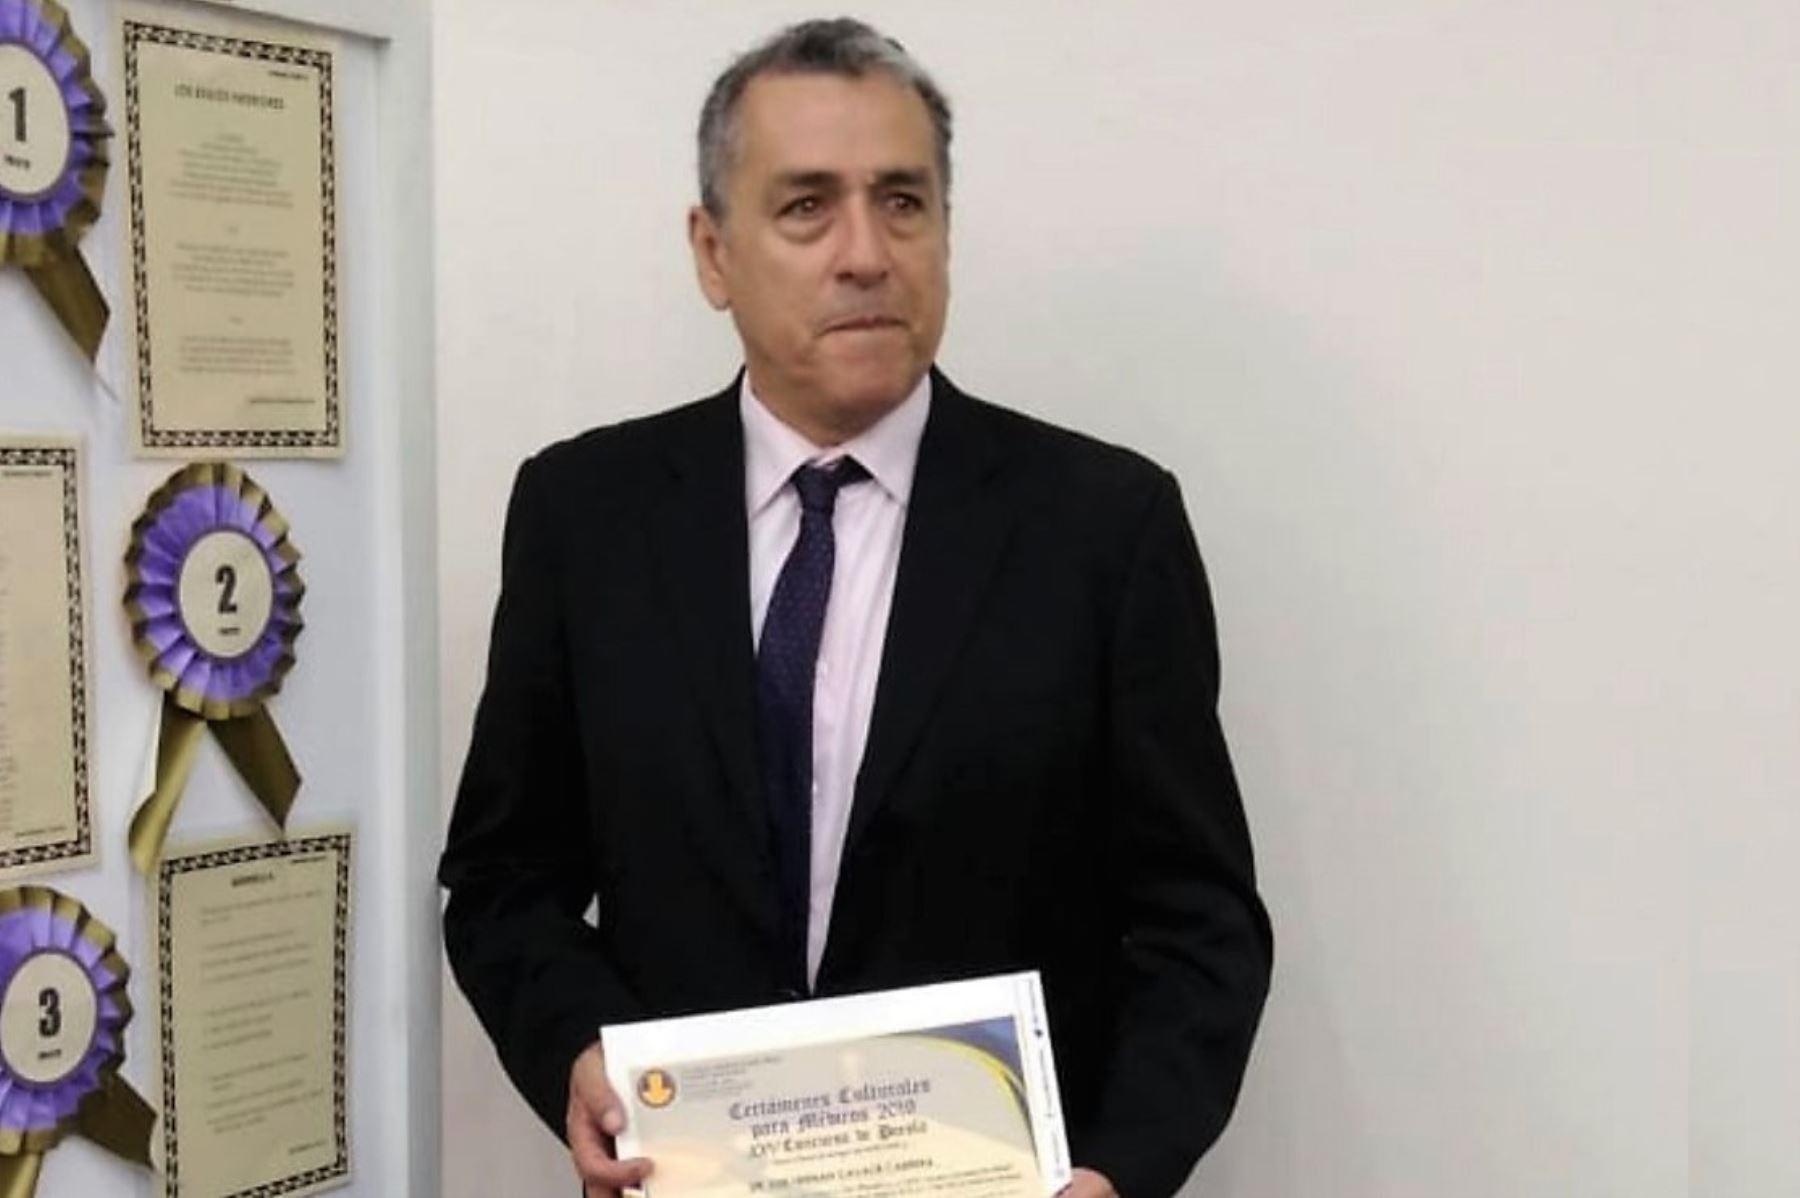 Médico Luis Hernán Cavalié, ganador del concurso Arte Médico.